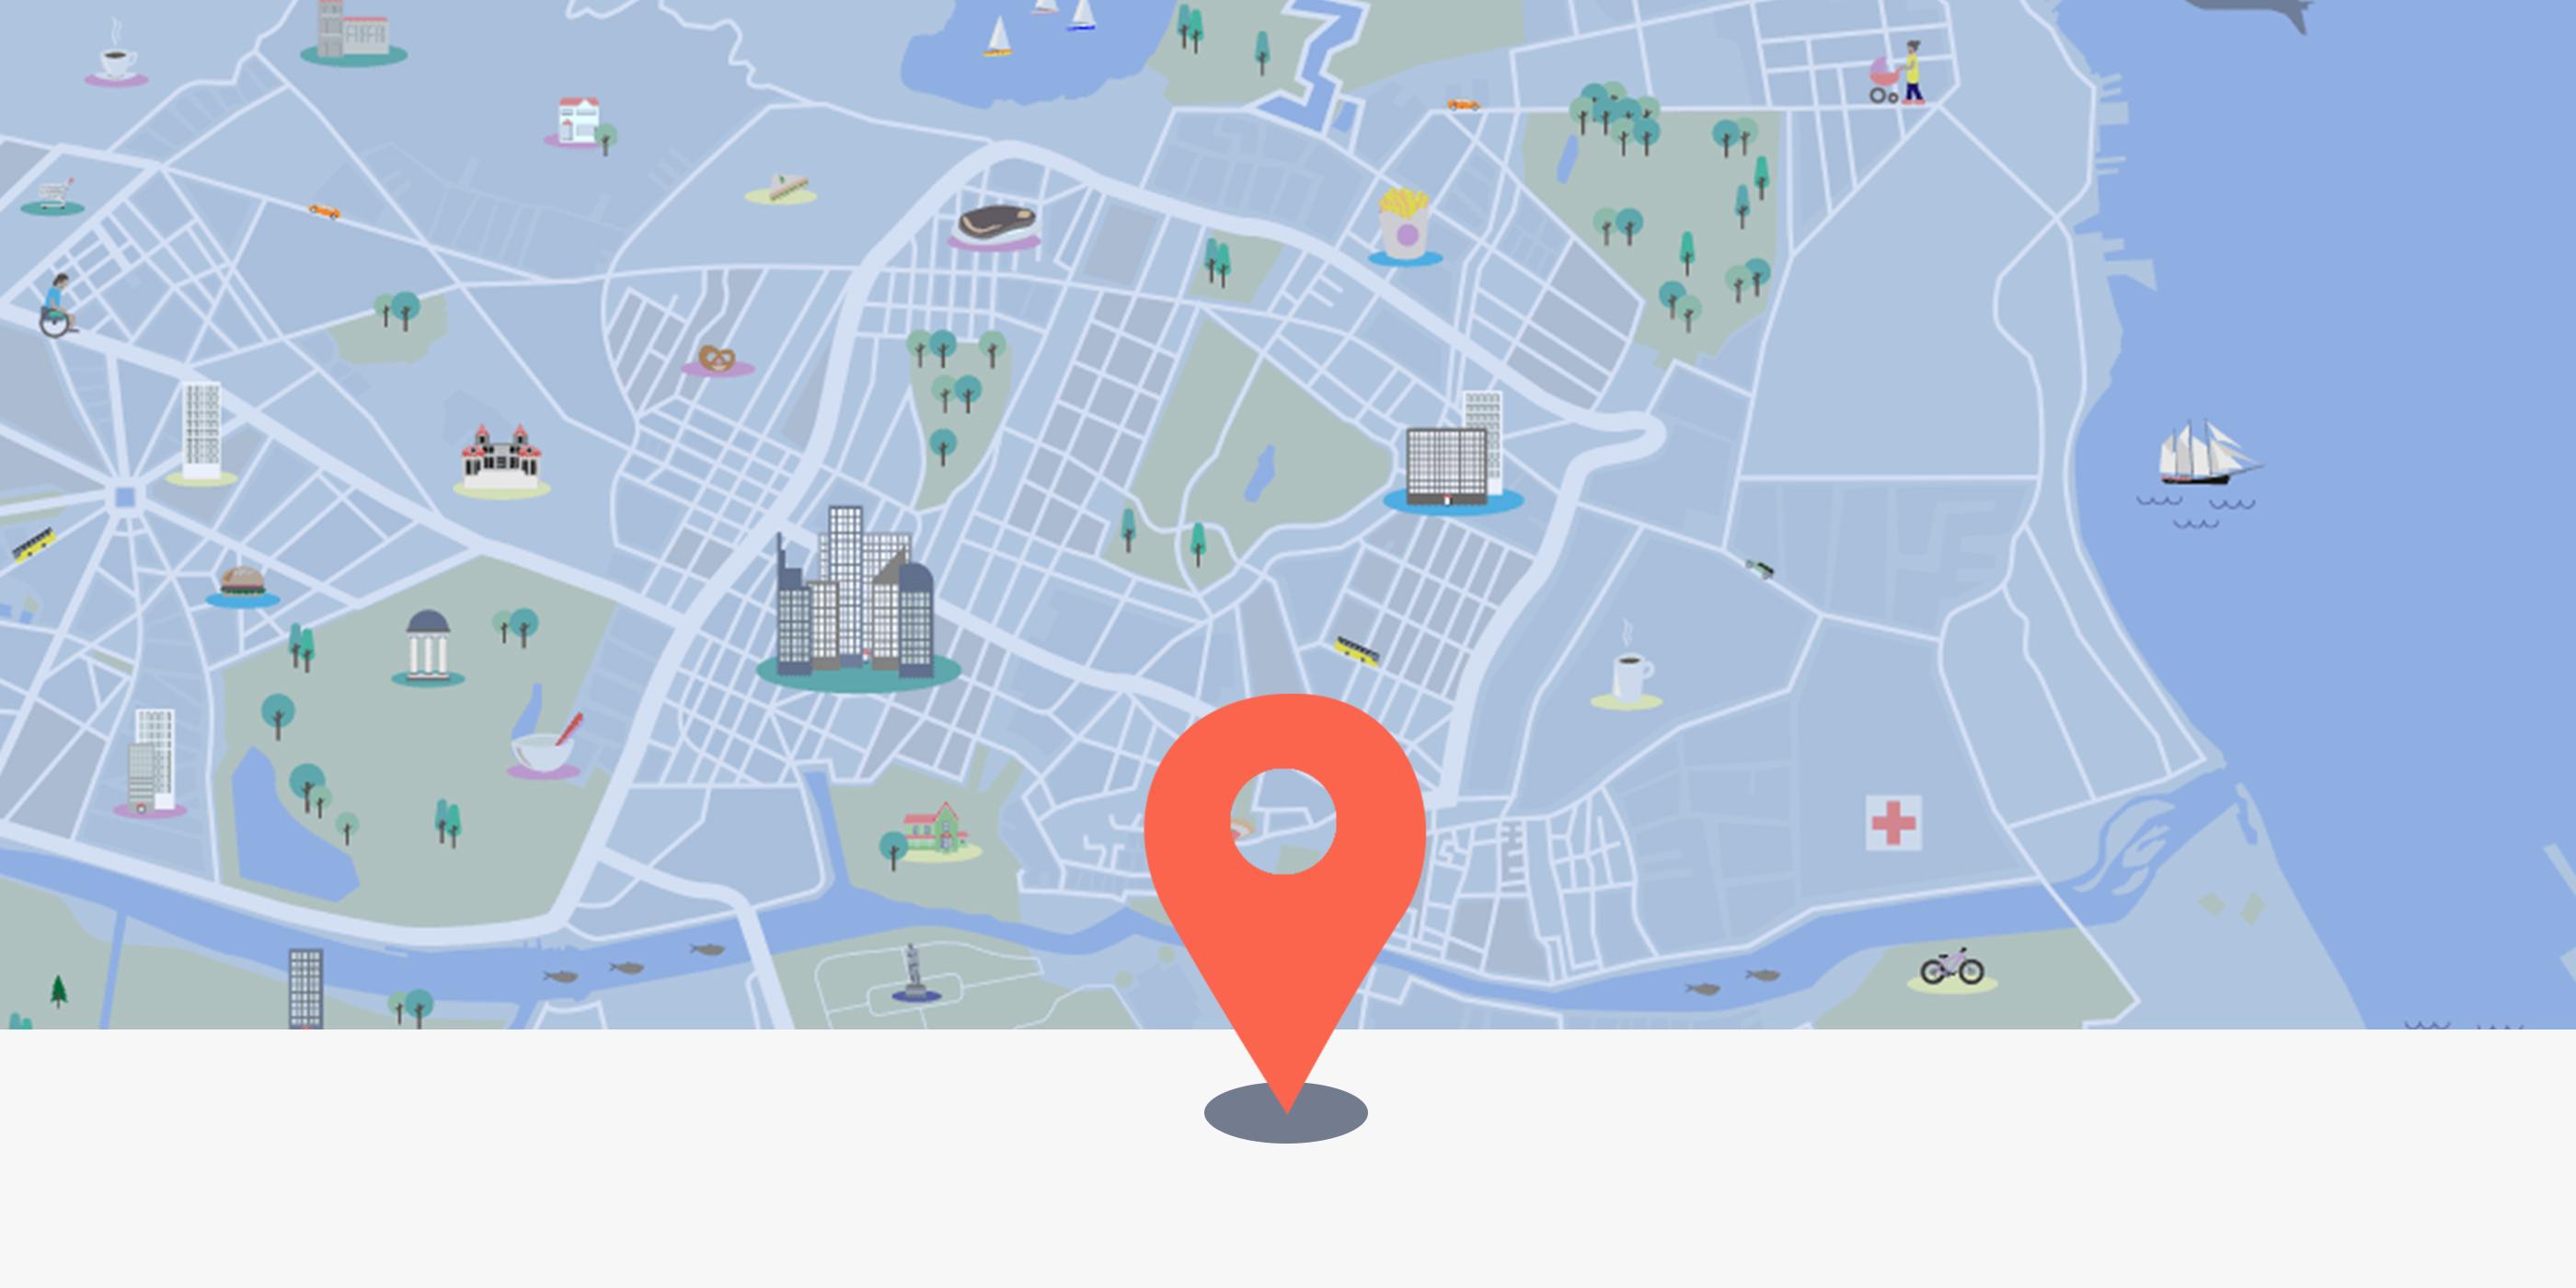 Teaserbild für das Projekt MapMyDay